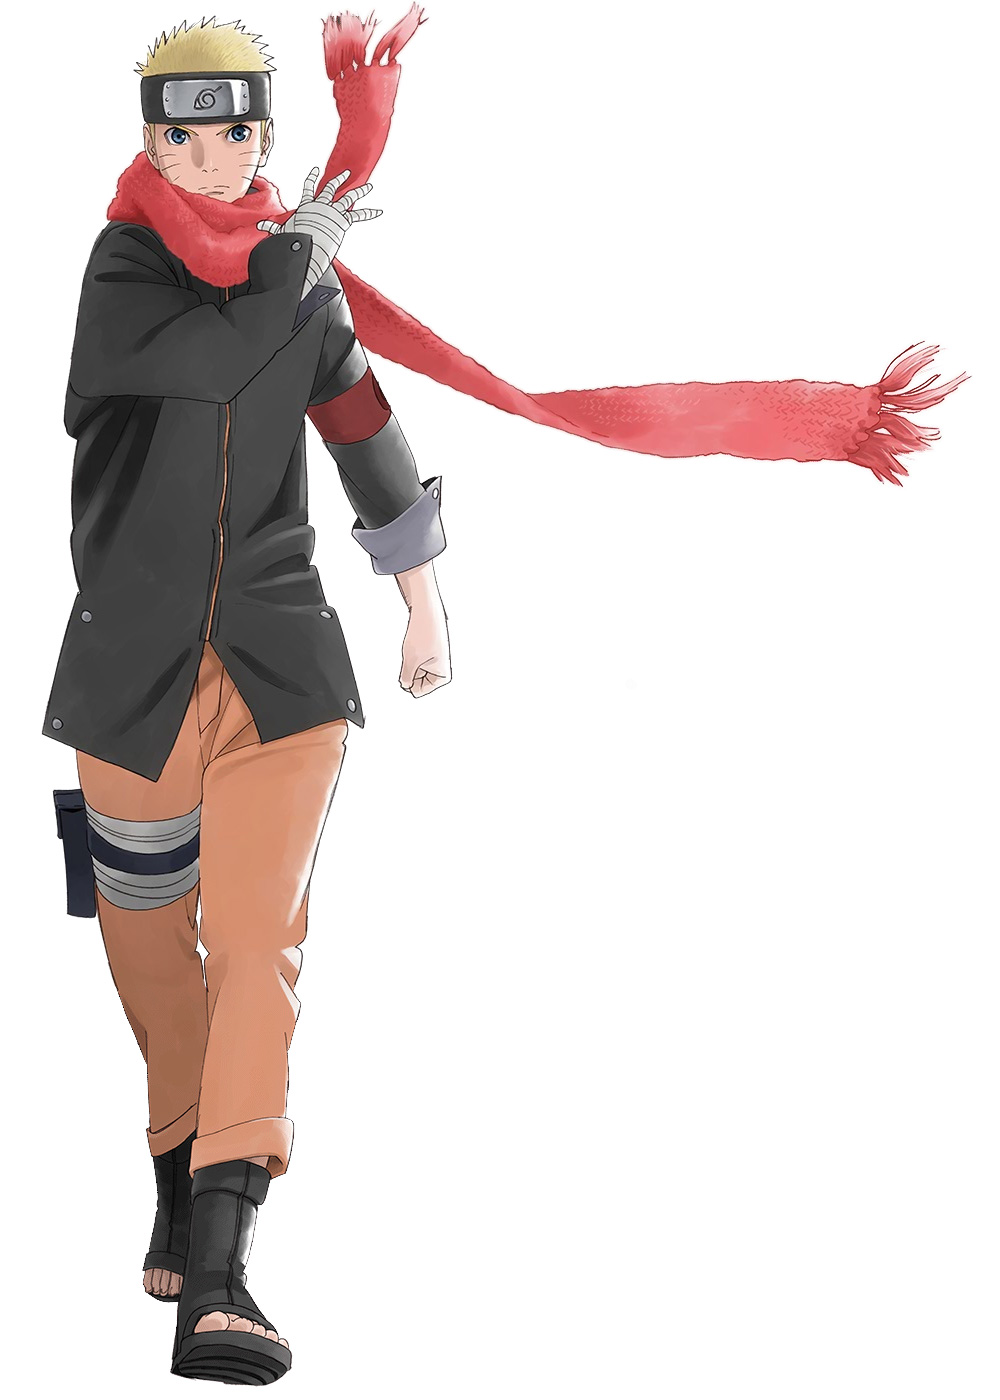 The-Last--Naruto-the-Movie-Character-Design Naruto-Uzimaki-